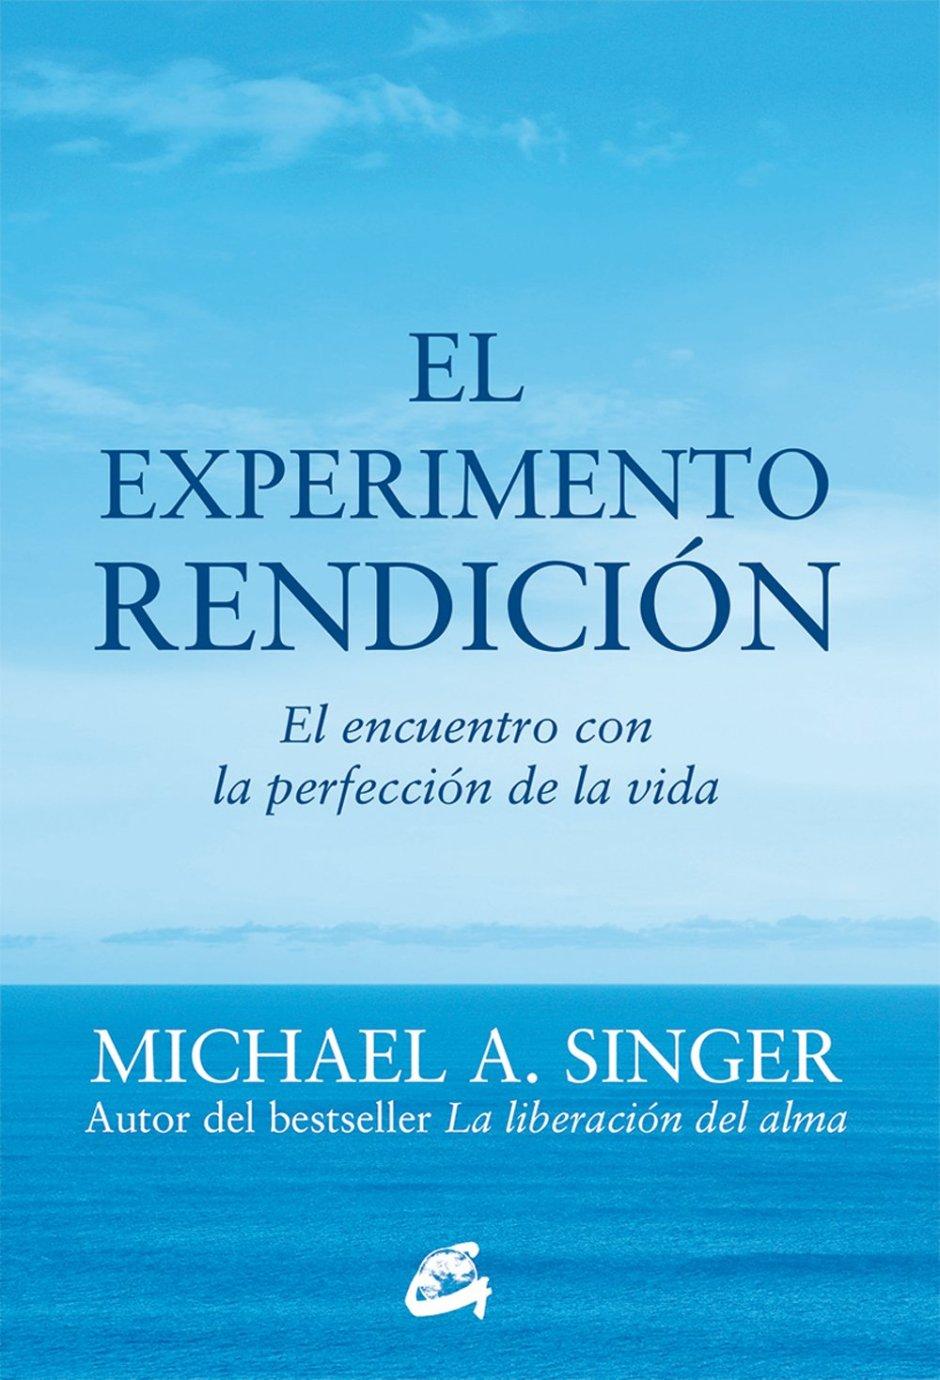 El Experimento Rendición - Michael Singer - yogaensevilla.es